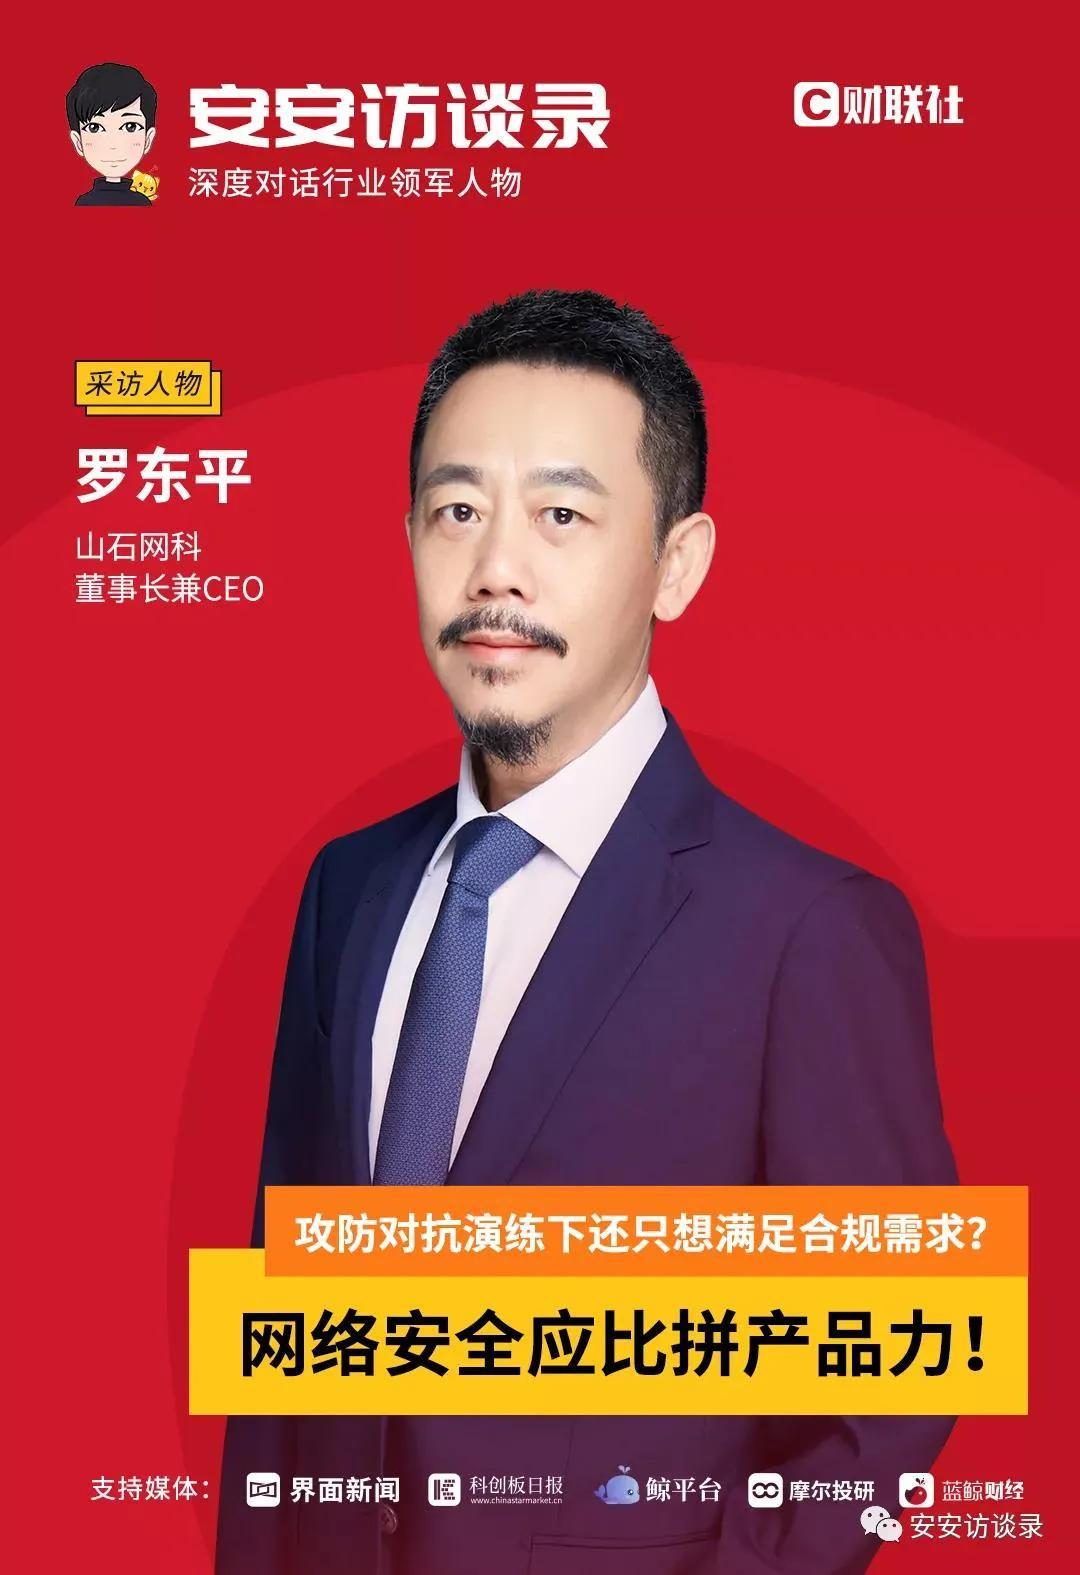 彩联砀山石材网络分公司:网络安全争夺产品实力的时代已经到来